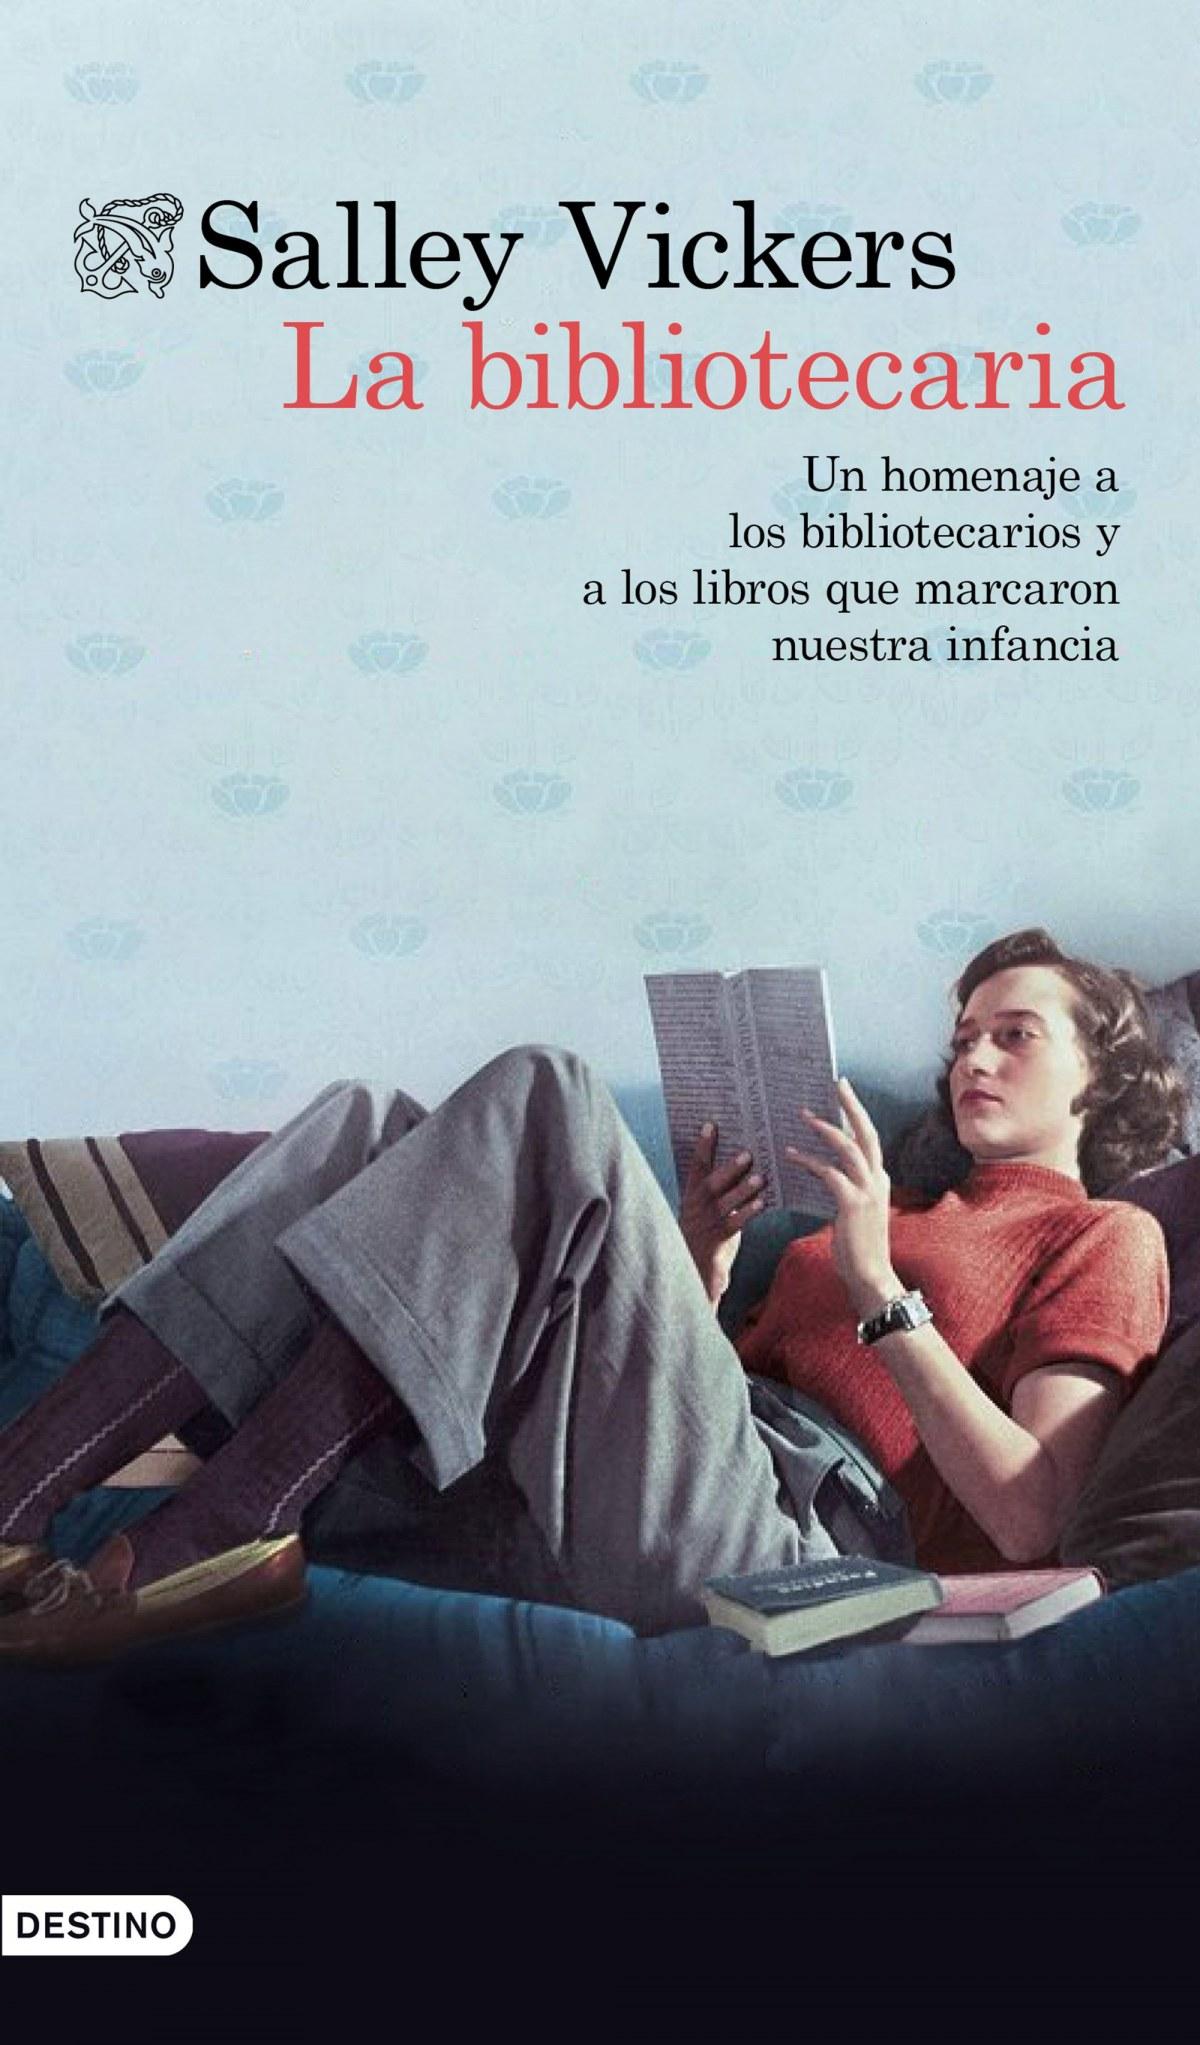 LA BIBLIOTECARIA 9788423356140